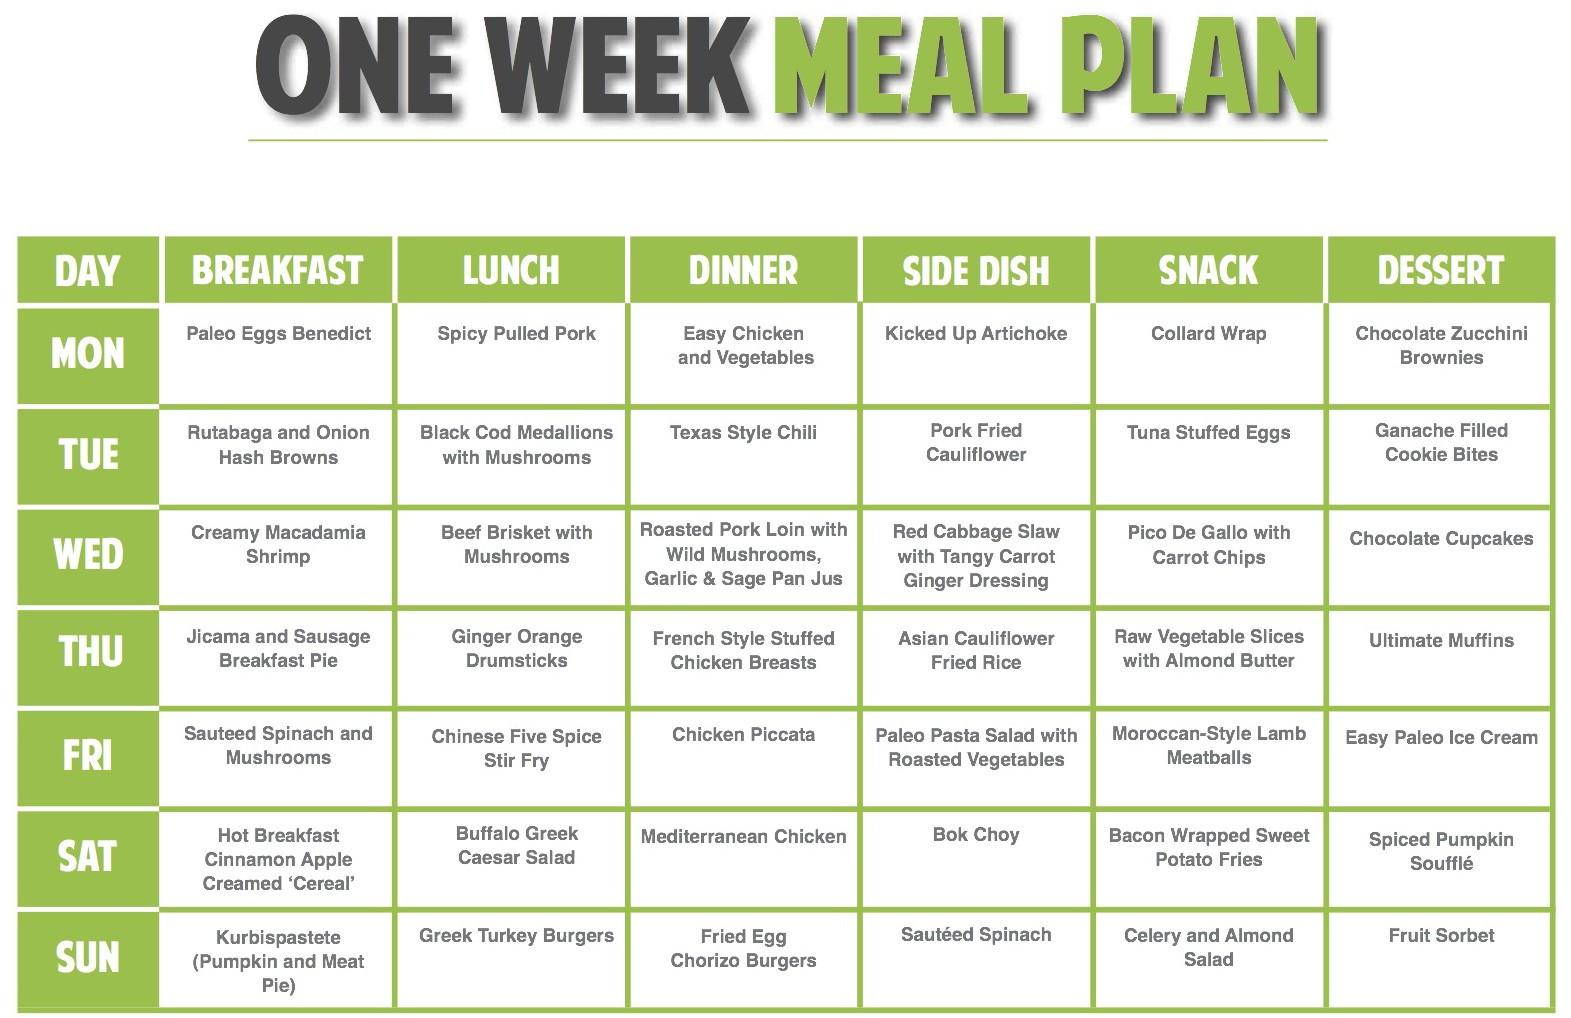 Vegan Diet Plan Weightloss 21 Days  Weight loss food regimen Ve arian Meal Plan